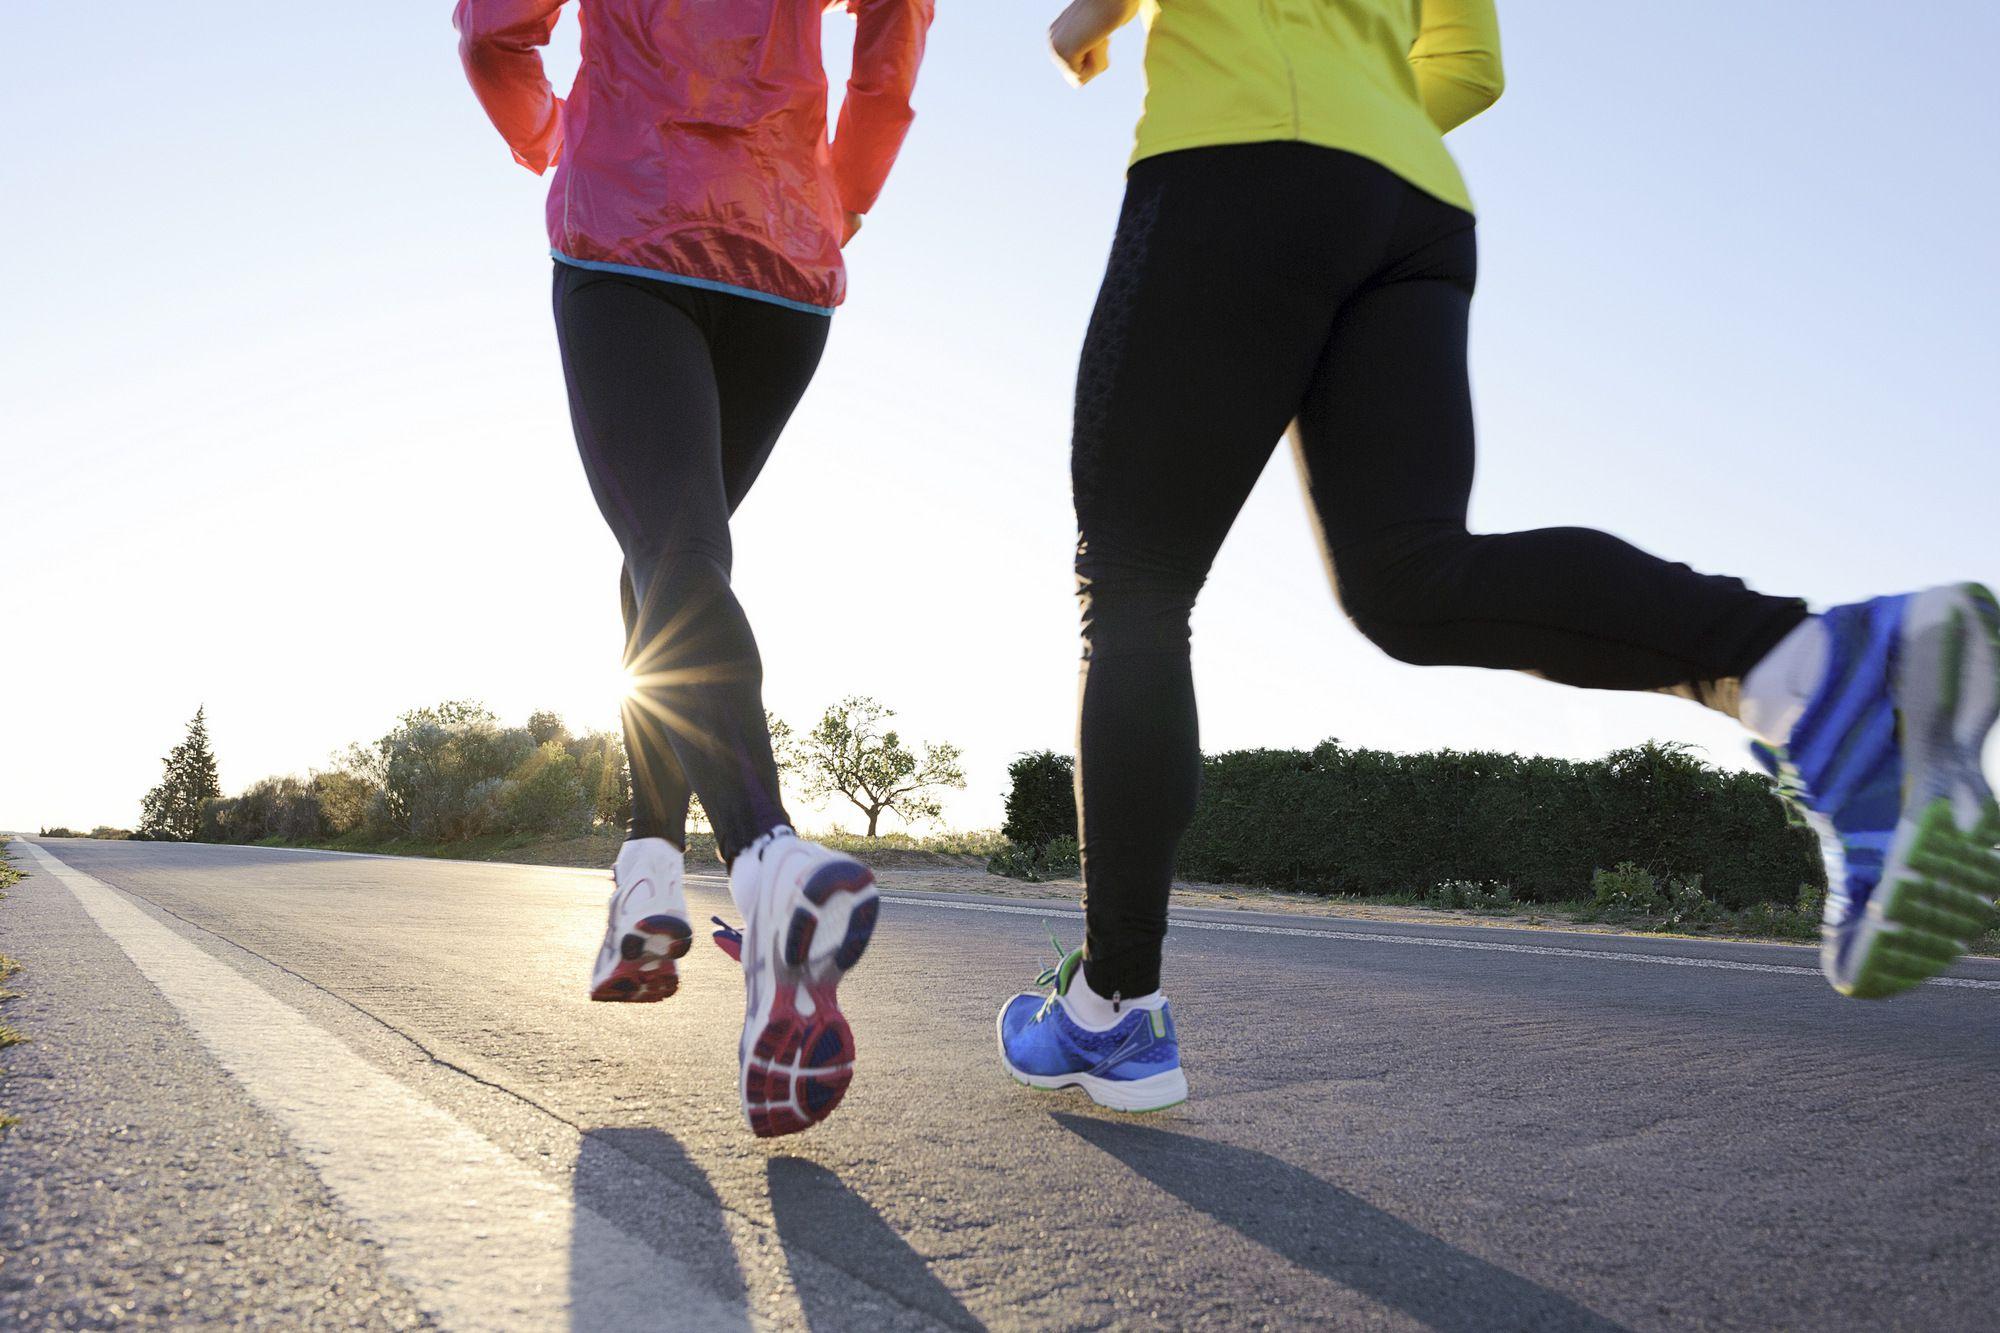 سترى النجاح عندما تفعل هذه الأشياء الثمانية قبل الساعة 8 صباحًا- ممارسة أنشطة بدنية شاقة